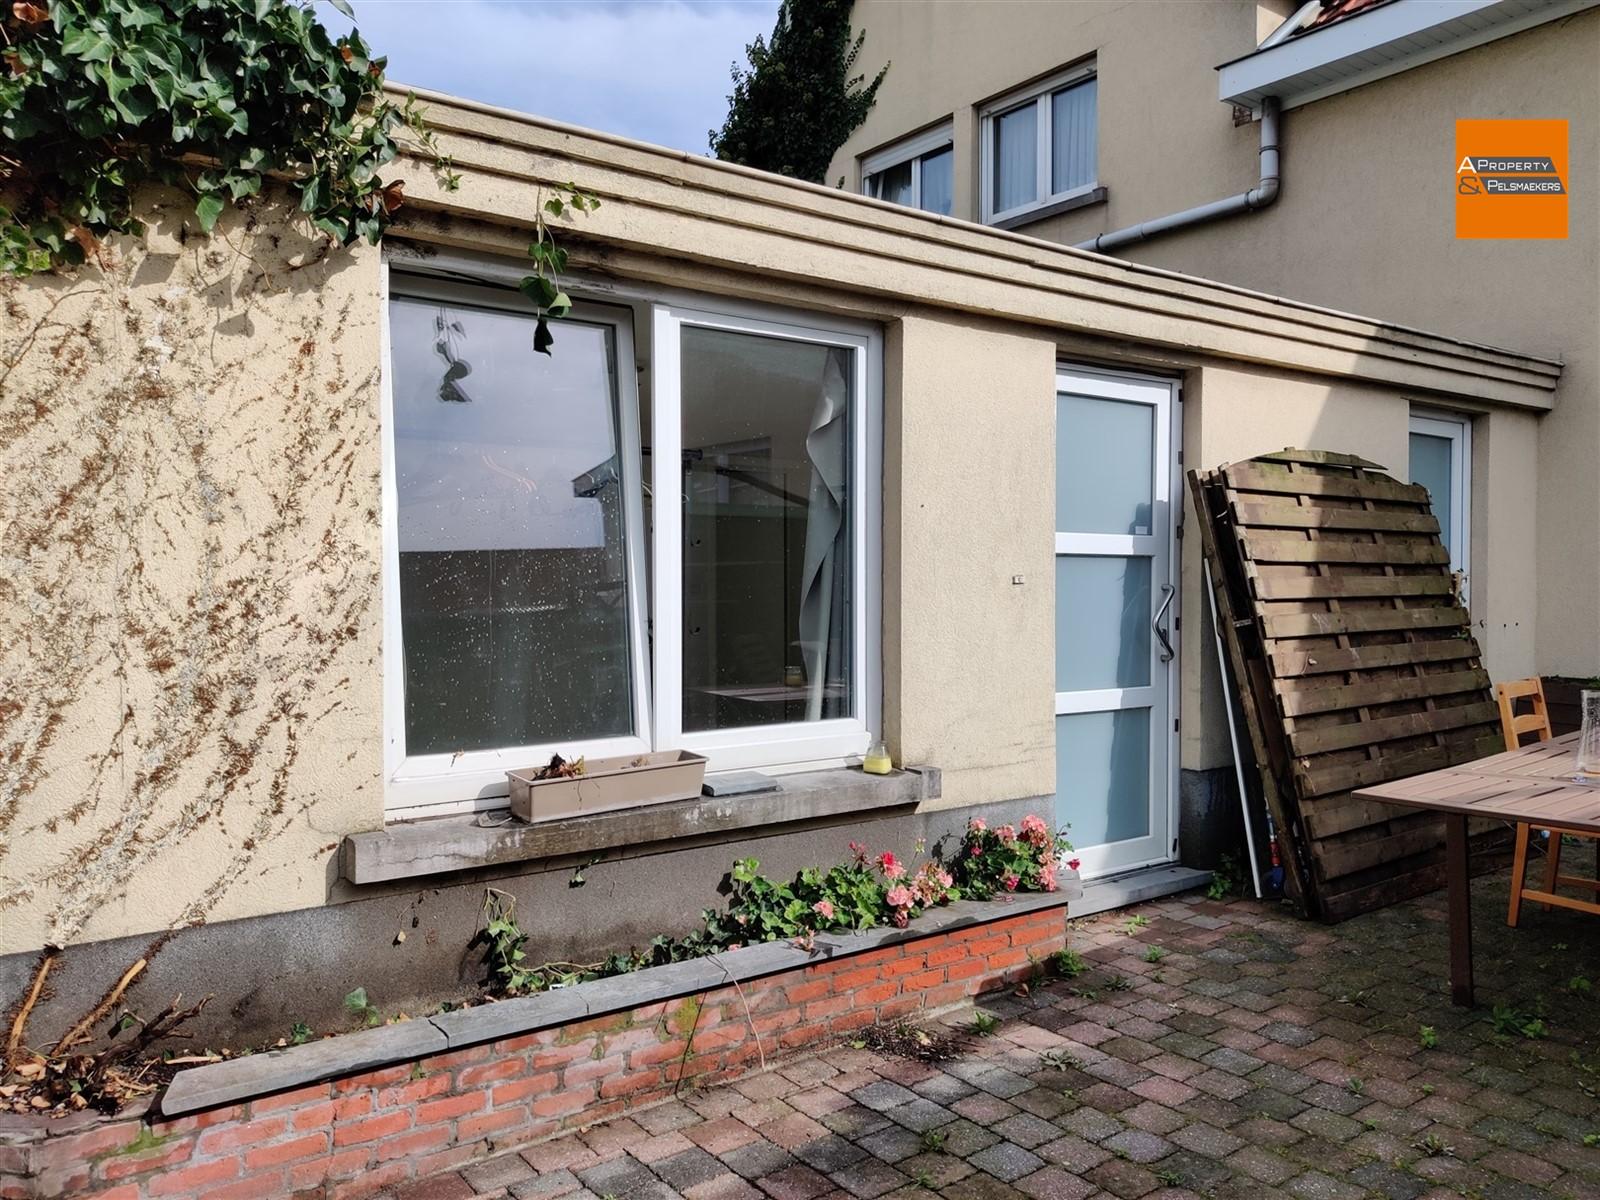 Foto 1 : Appartement in 3071 ERPS-KWERPS (België) - Prijs € 750